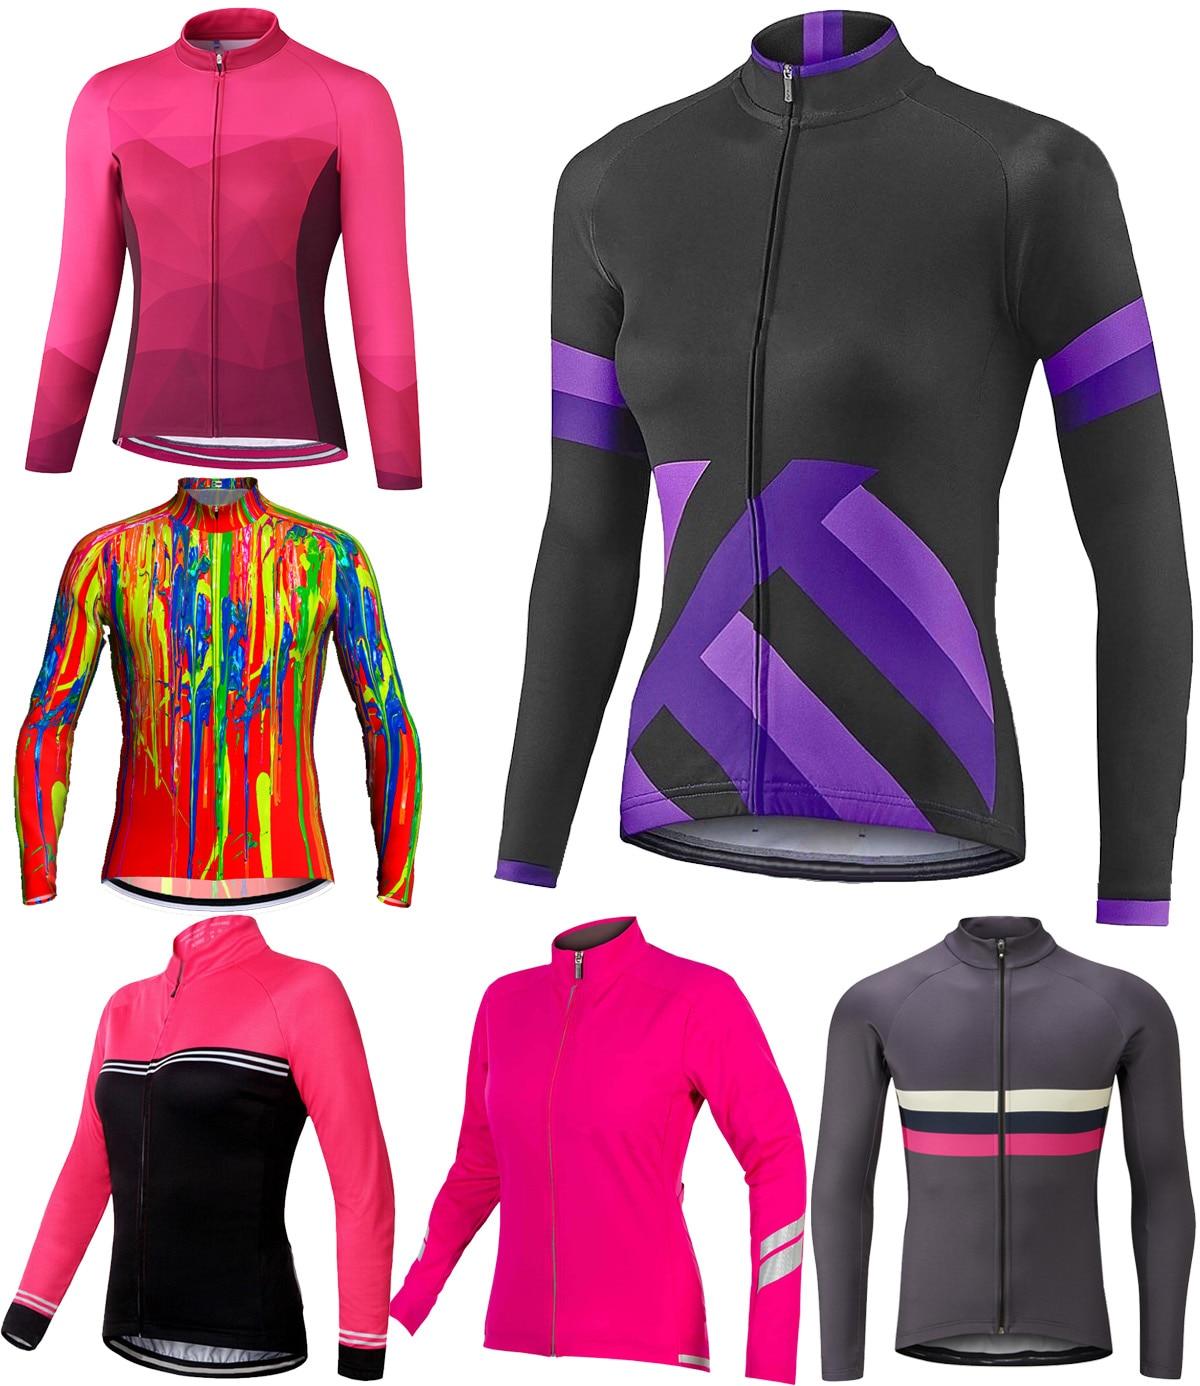 Josemx mulheres manga longa camisa de ciclismo bicicleta roupas mtb bib esporte camisa roxa motocross montanha estrada apertado superior jaqueta